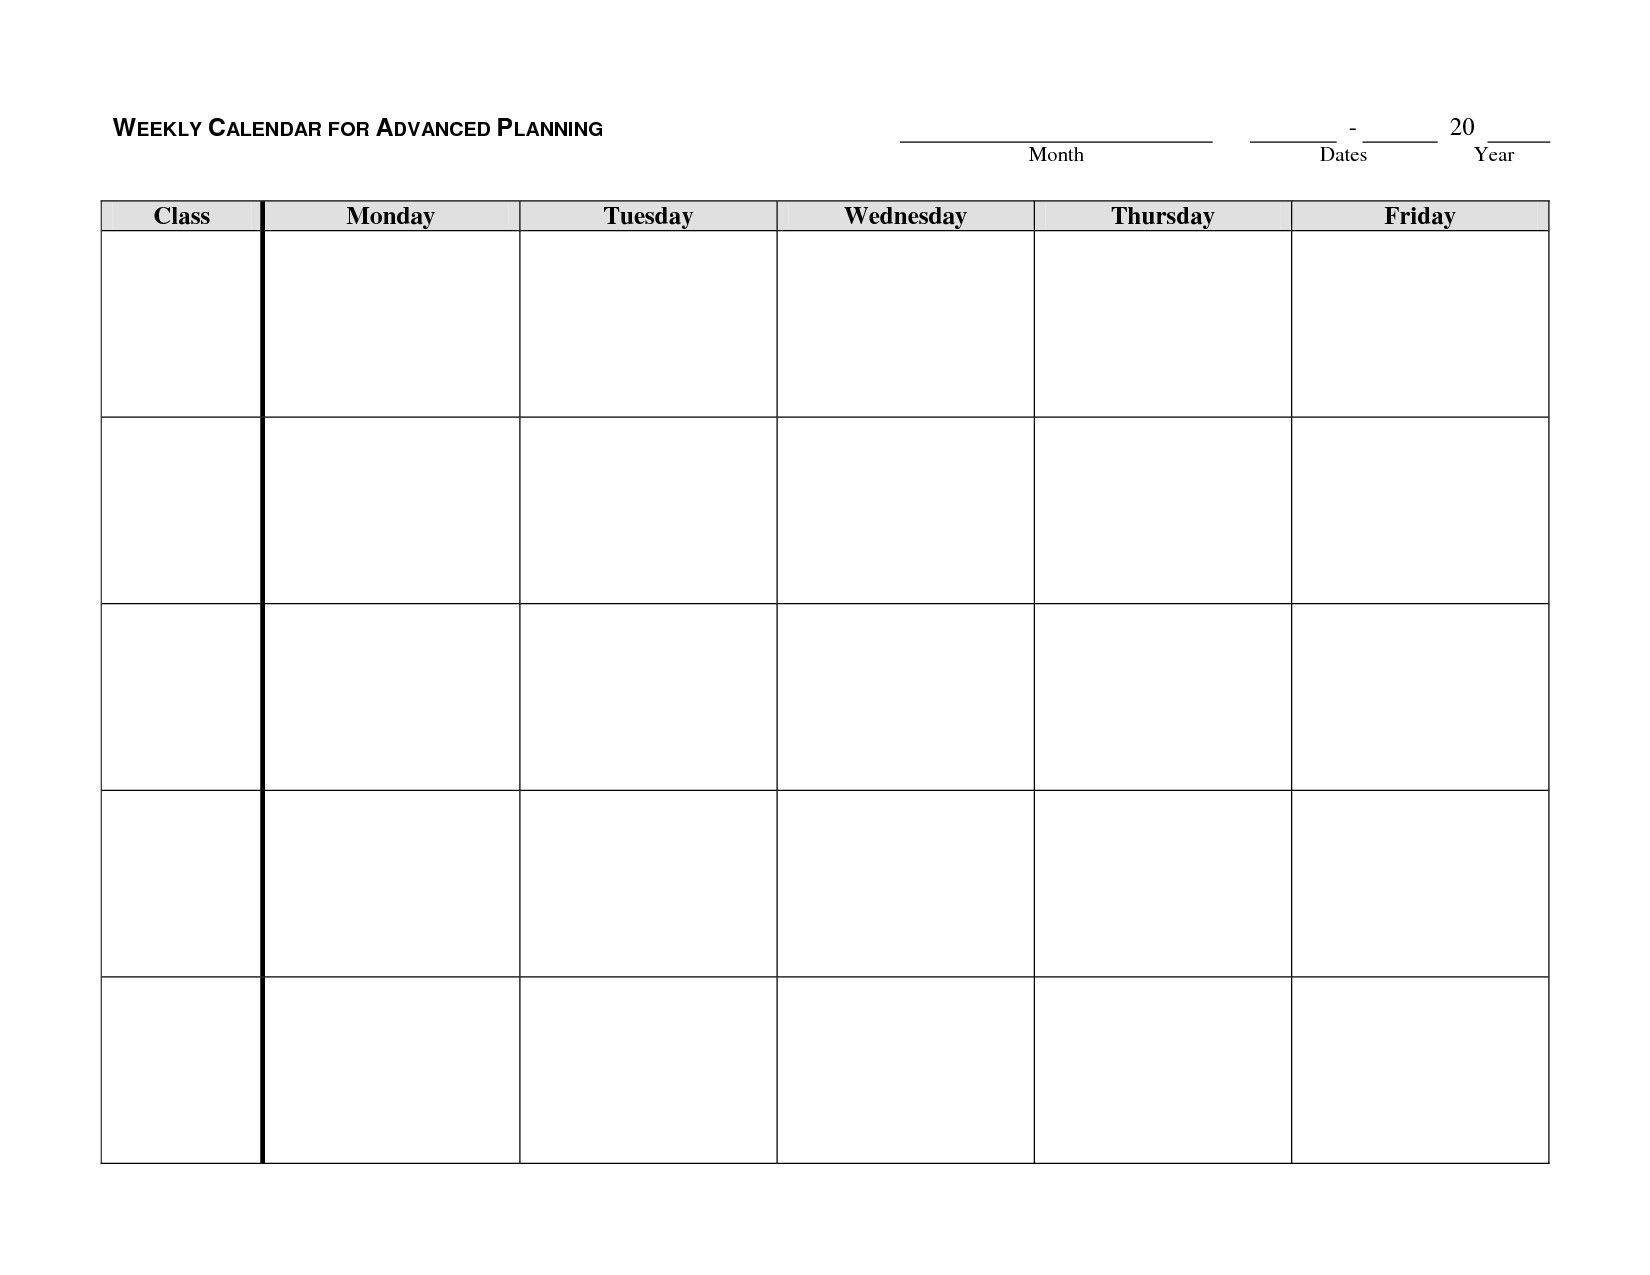 Printable Calendar Monday Through Friday  Yolar.cinetonic in Free Printable Calendar Monday Through Friday